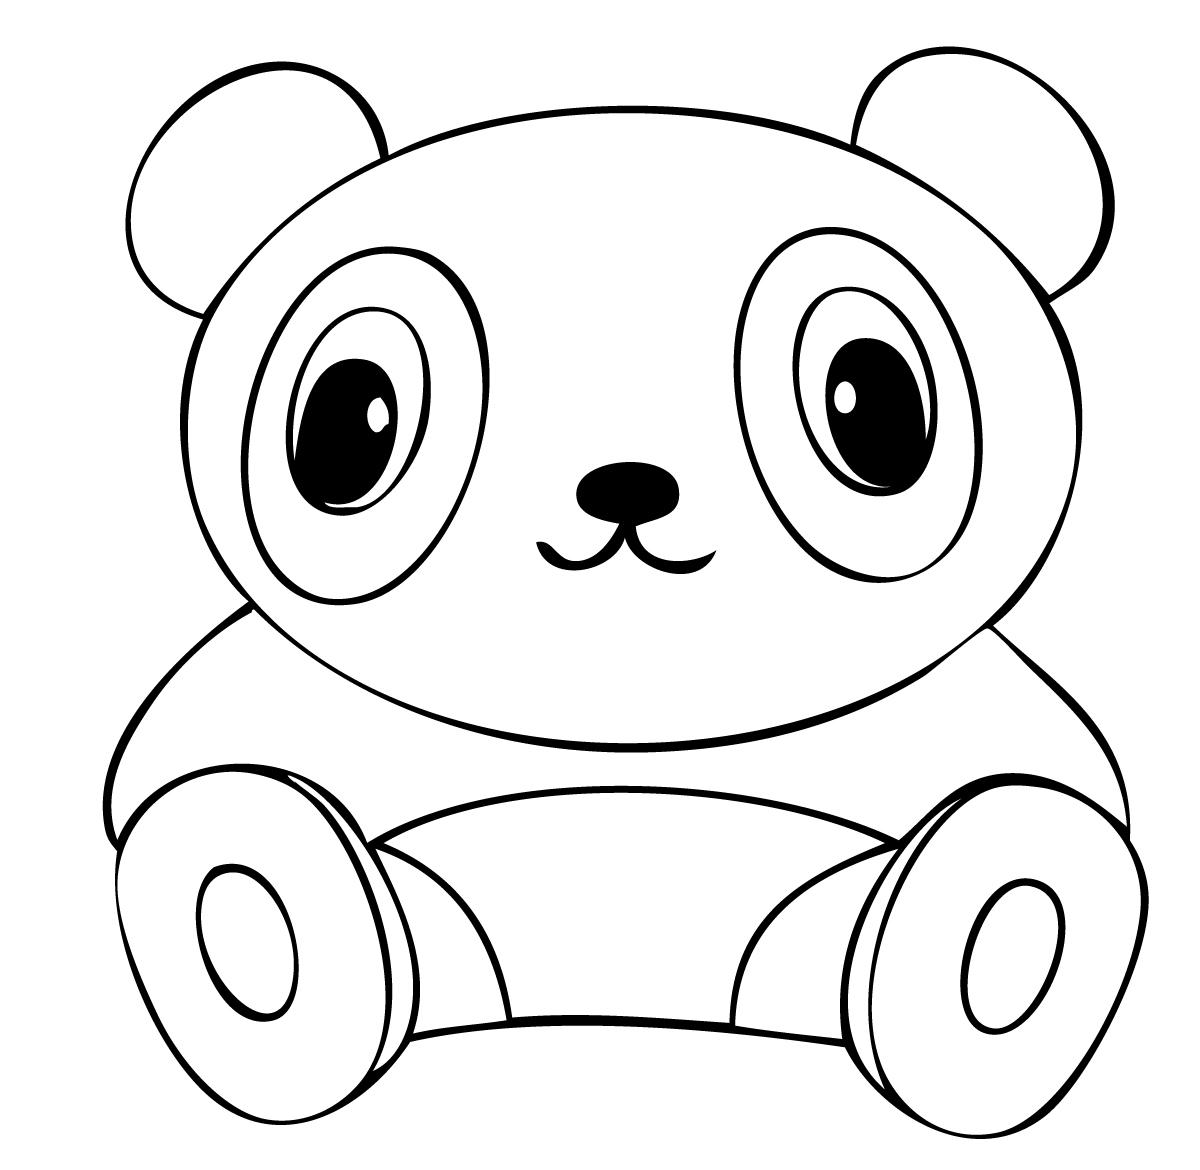 coloring panda panda cute drawing at getdrawings free download panda coloring